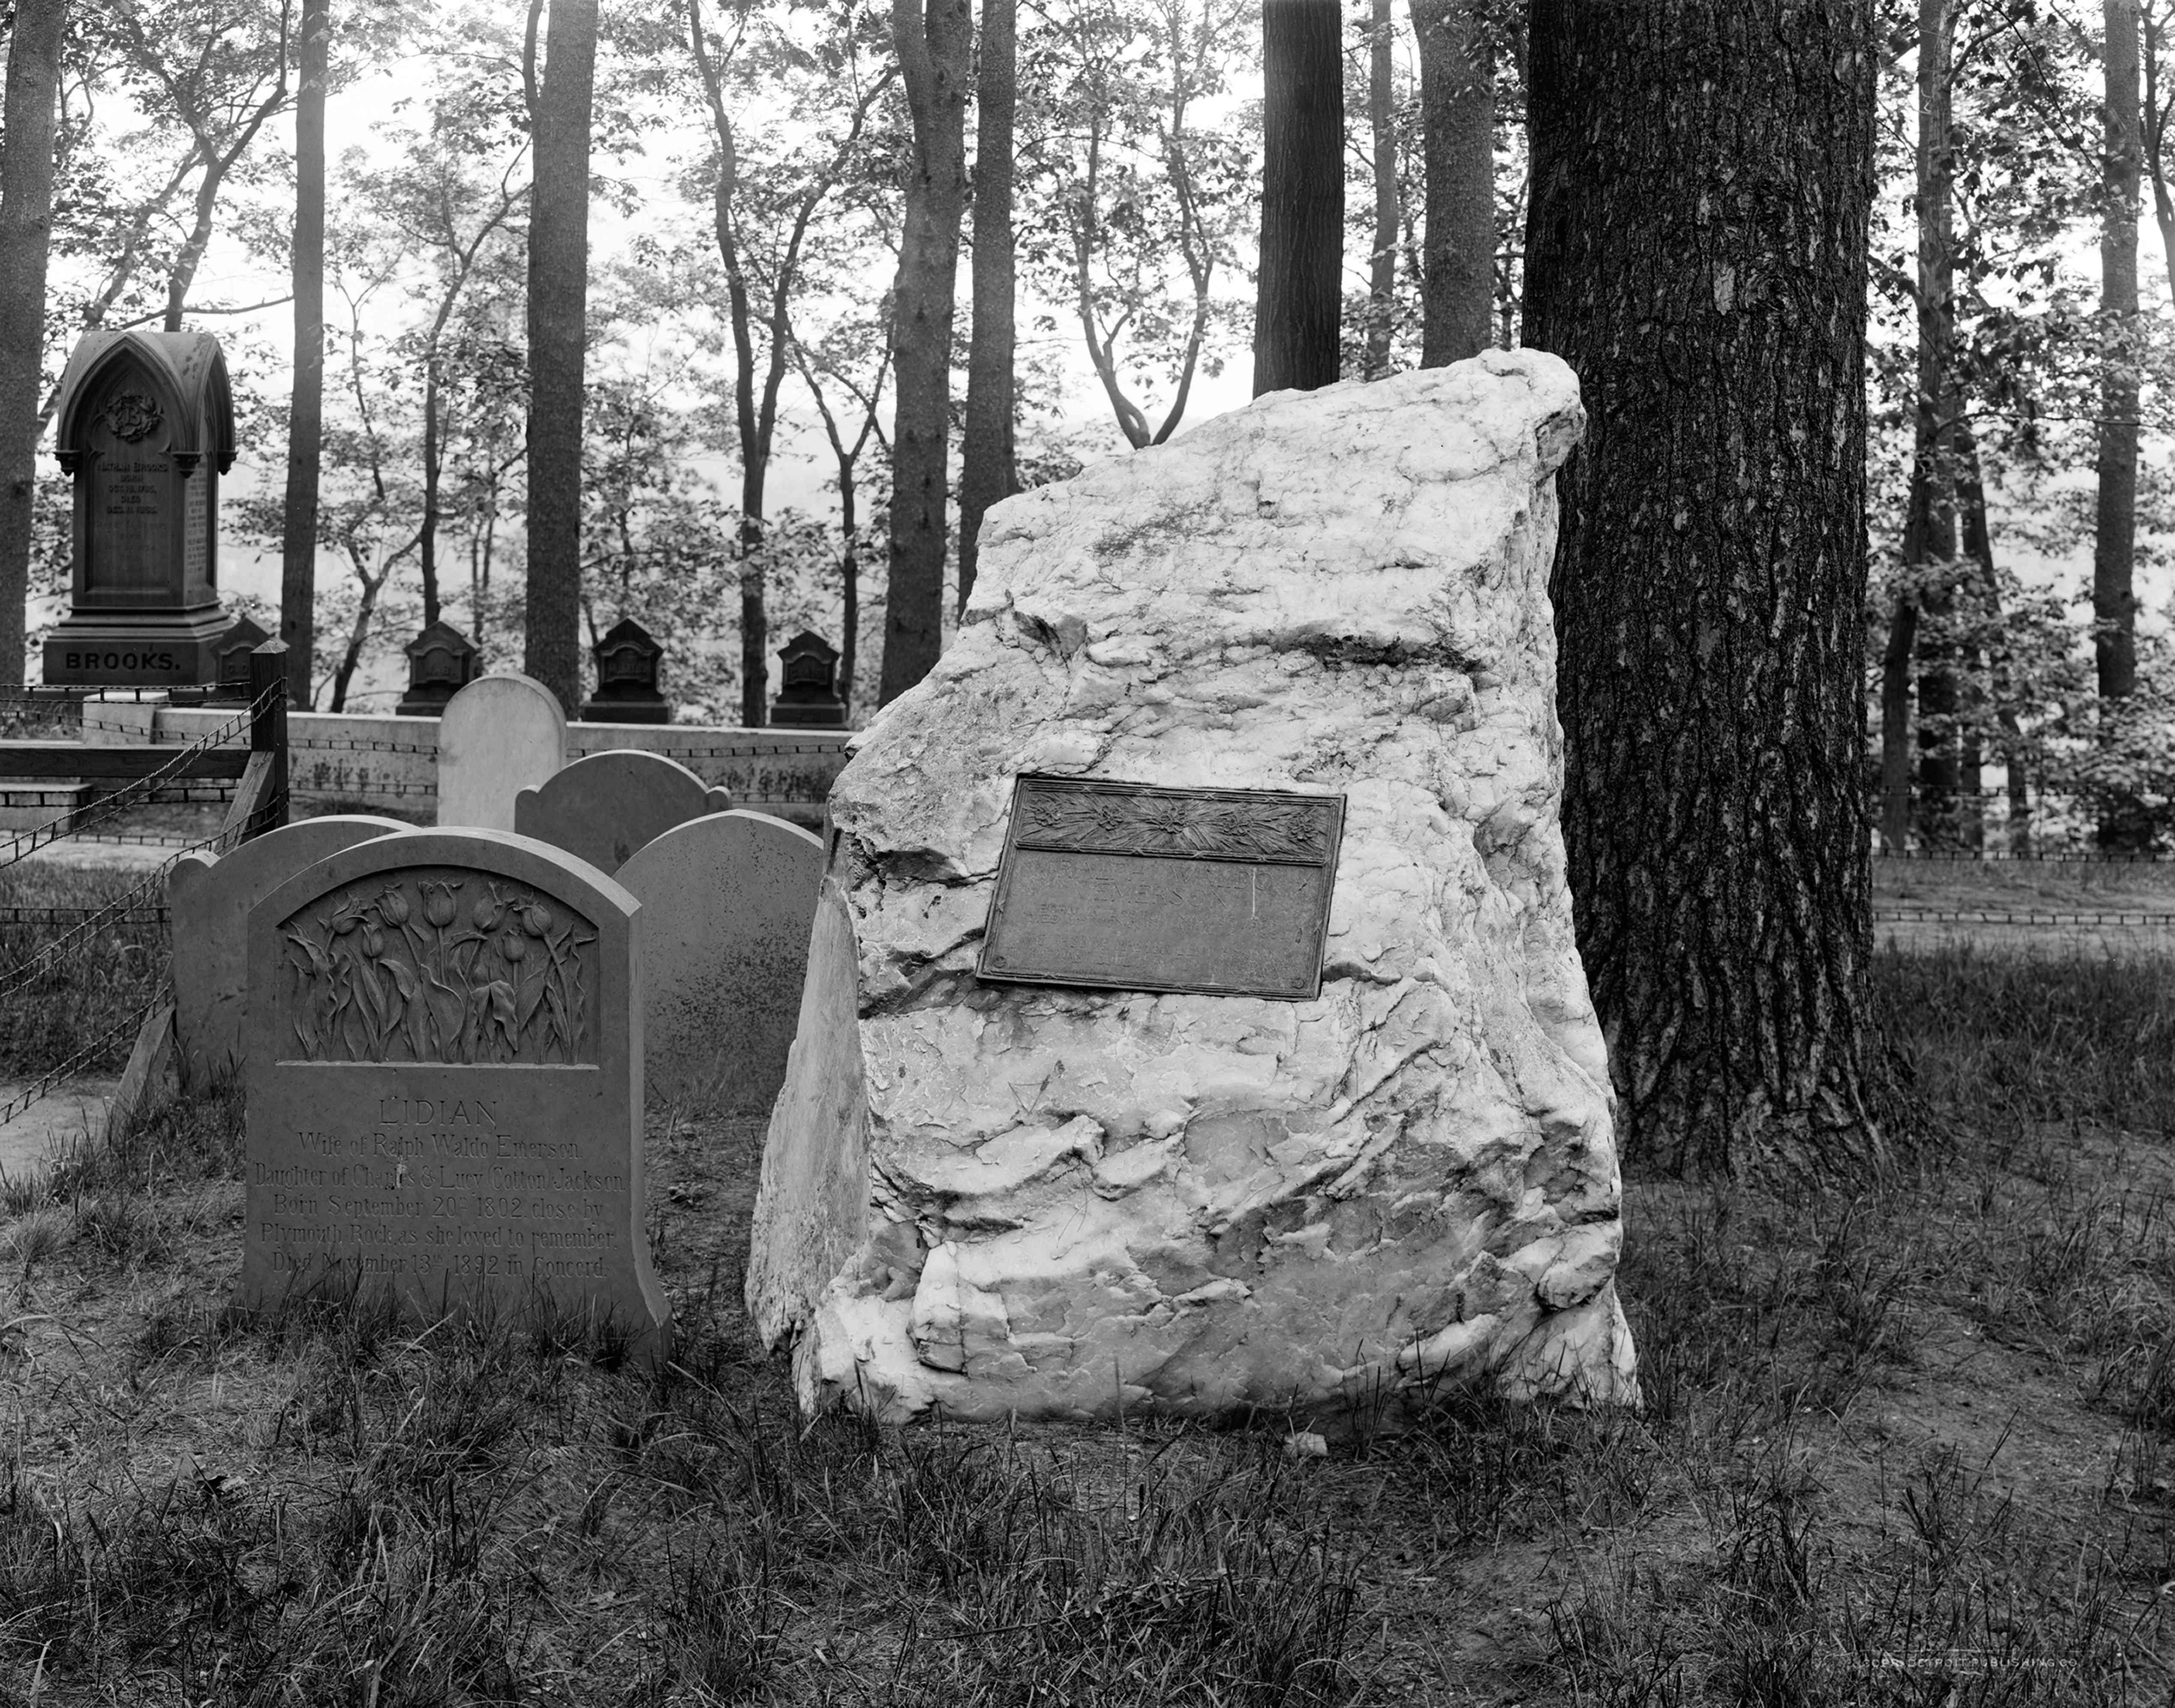 Photograph of Emerson's gravestone